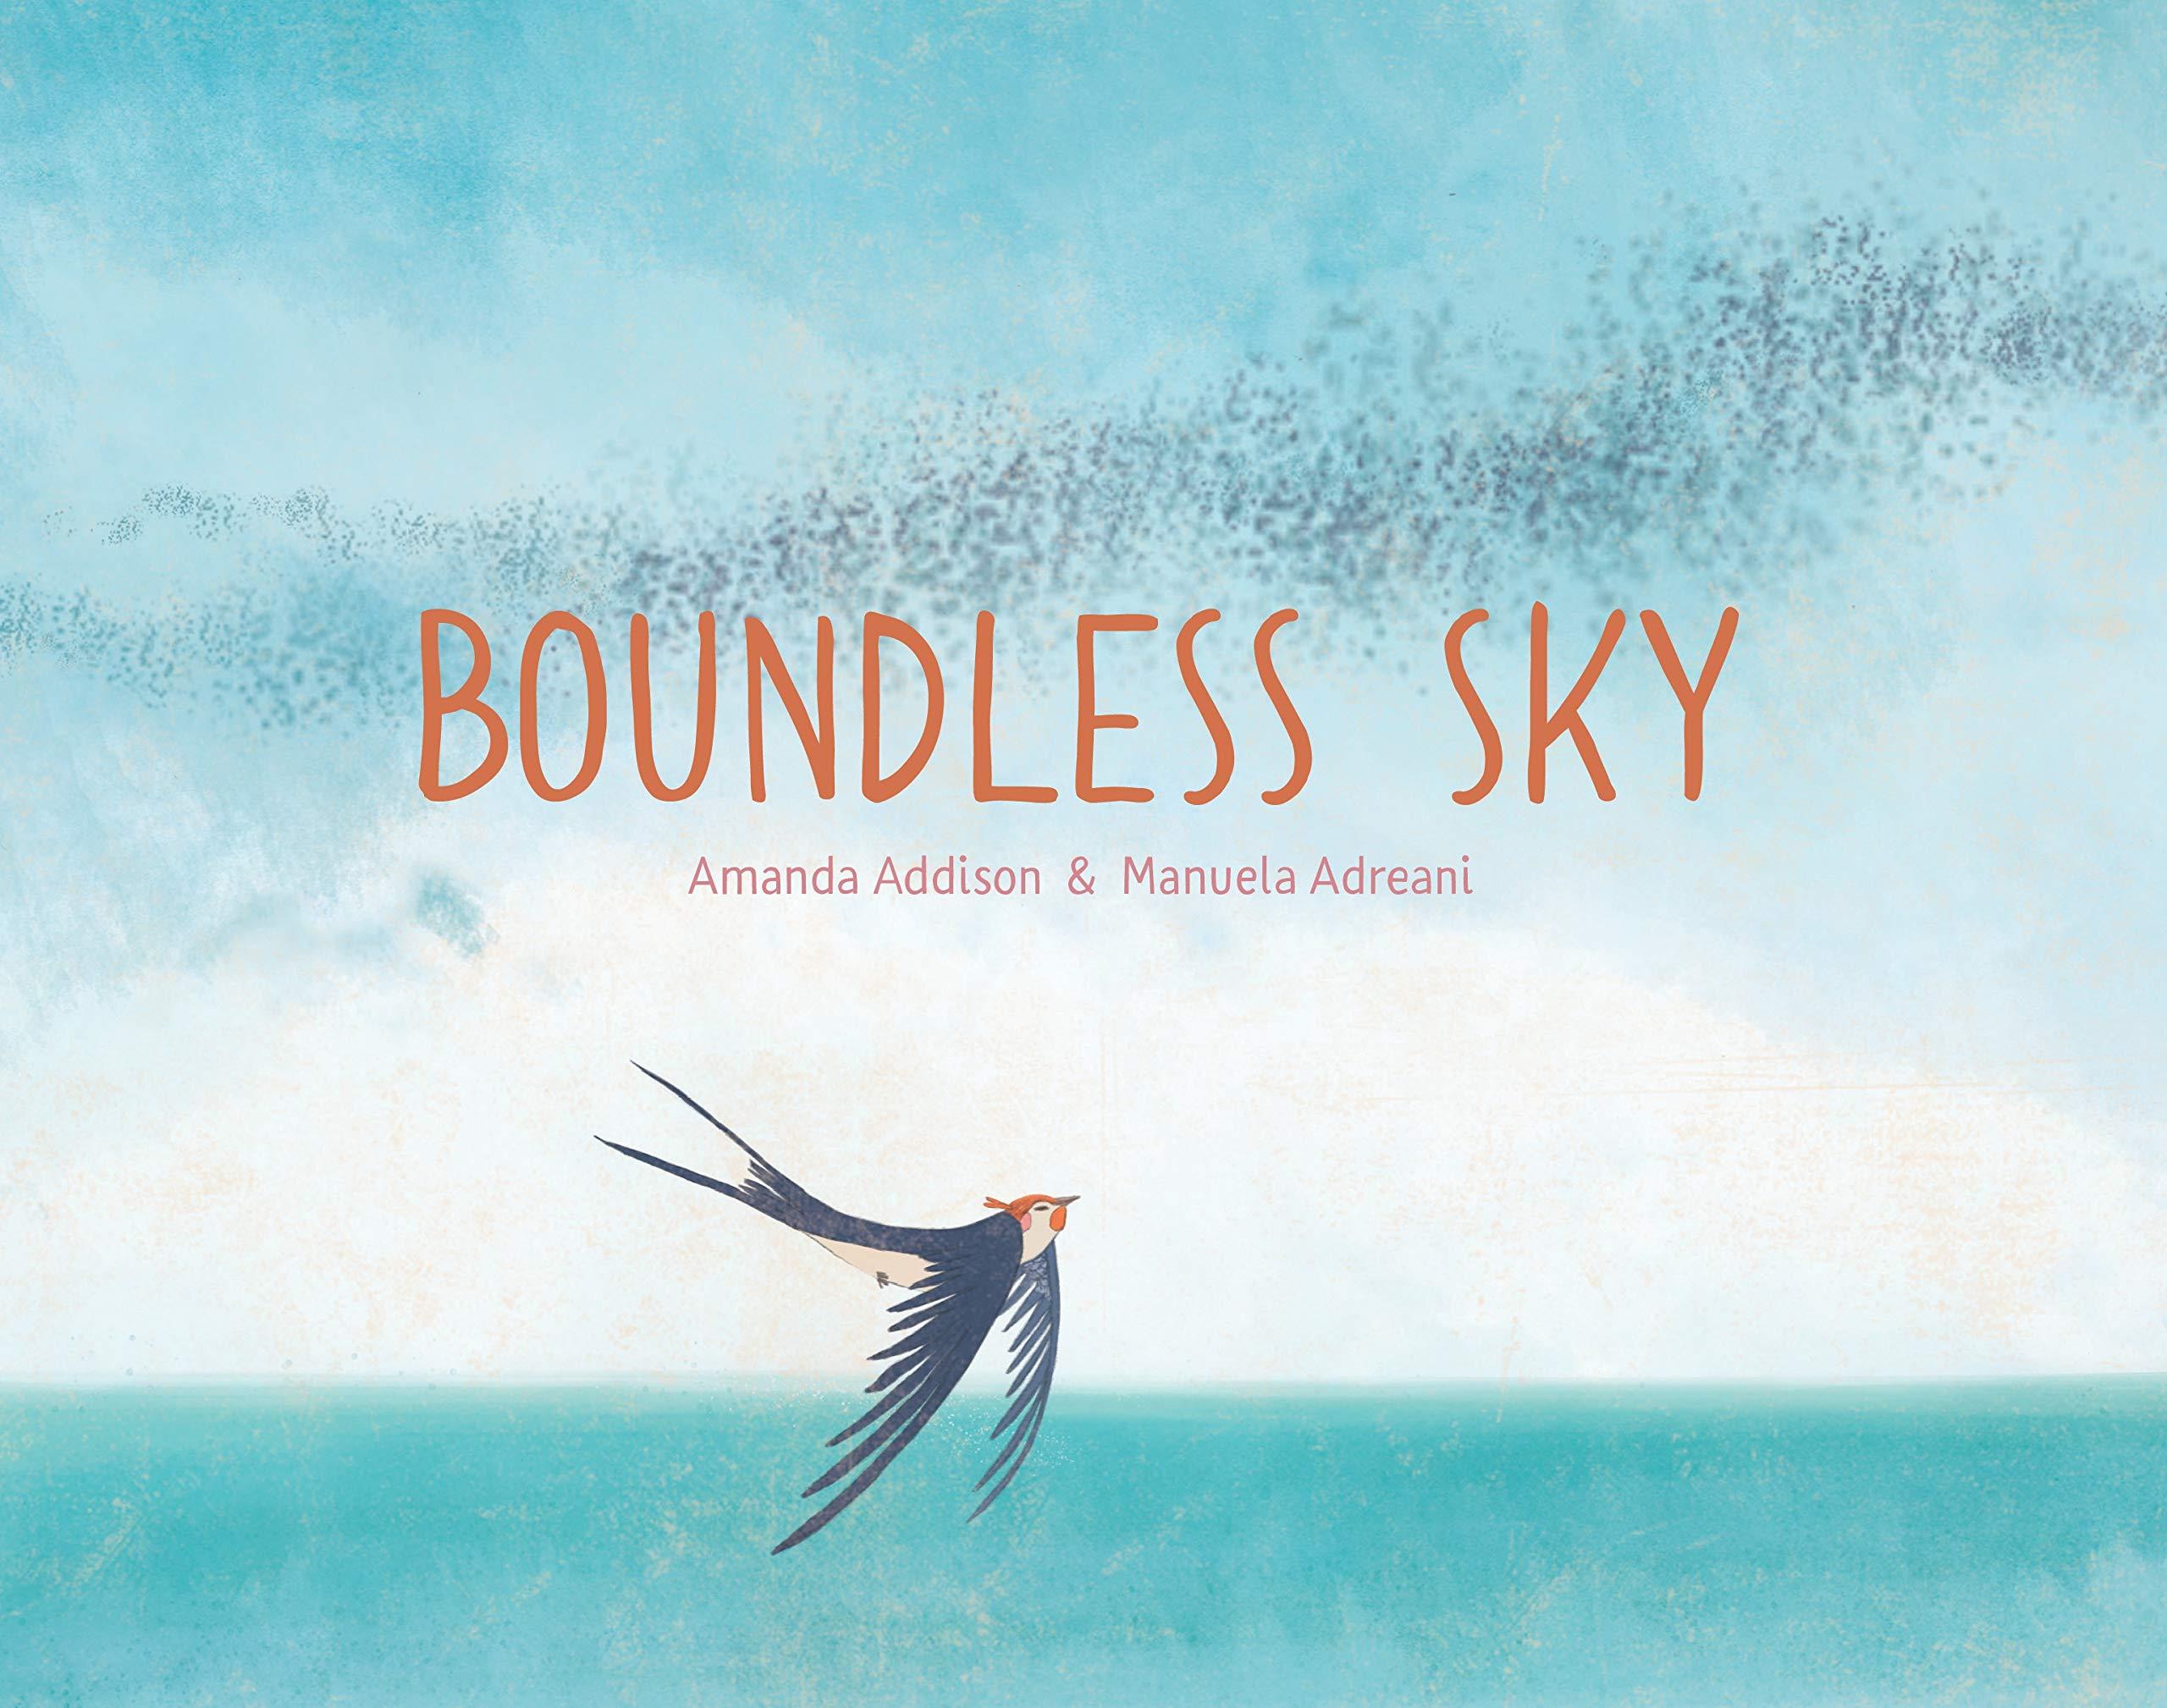 Boundless Sky